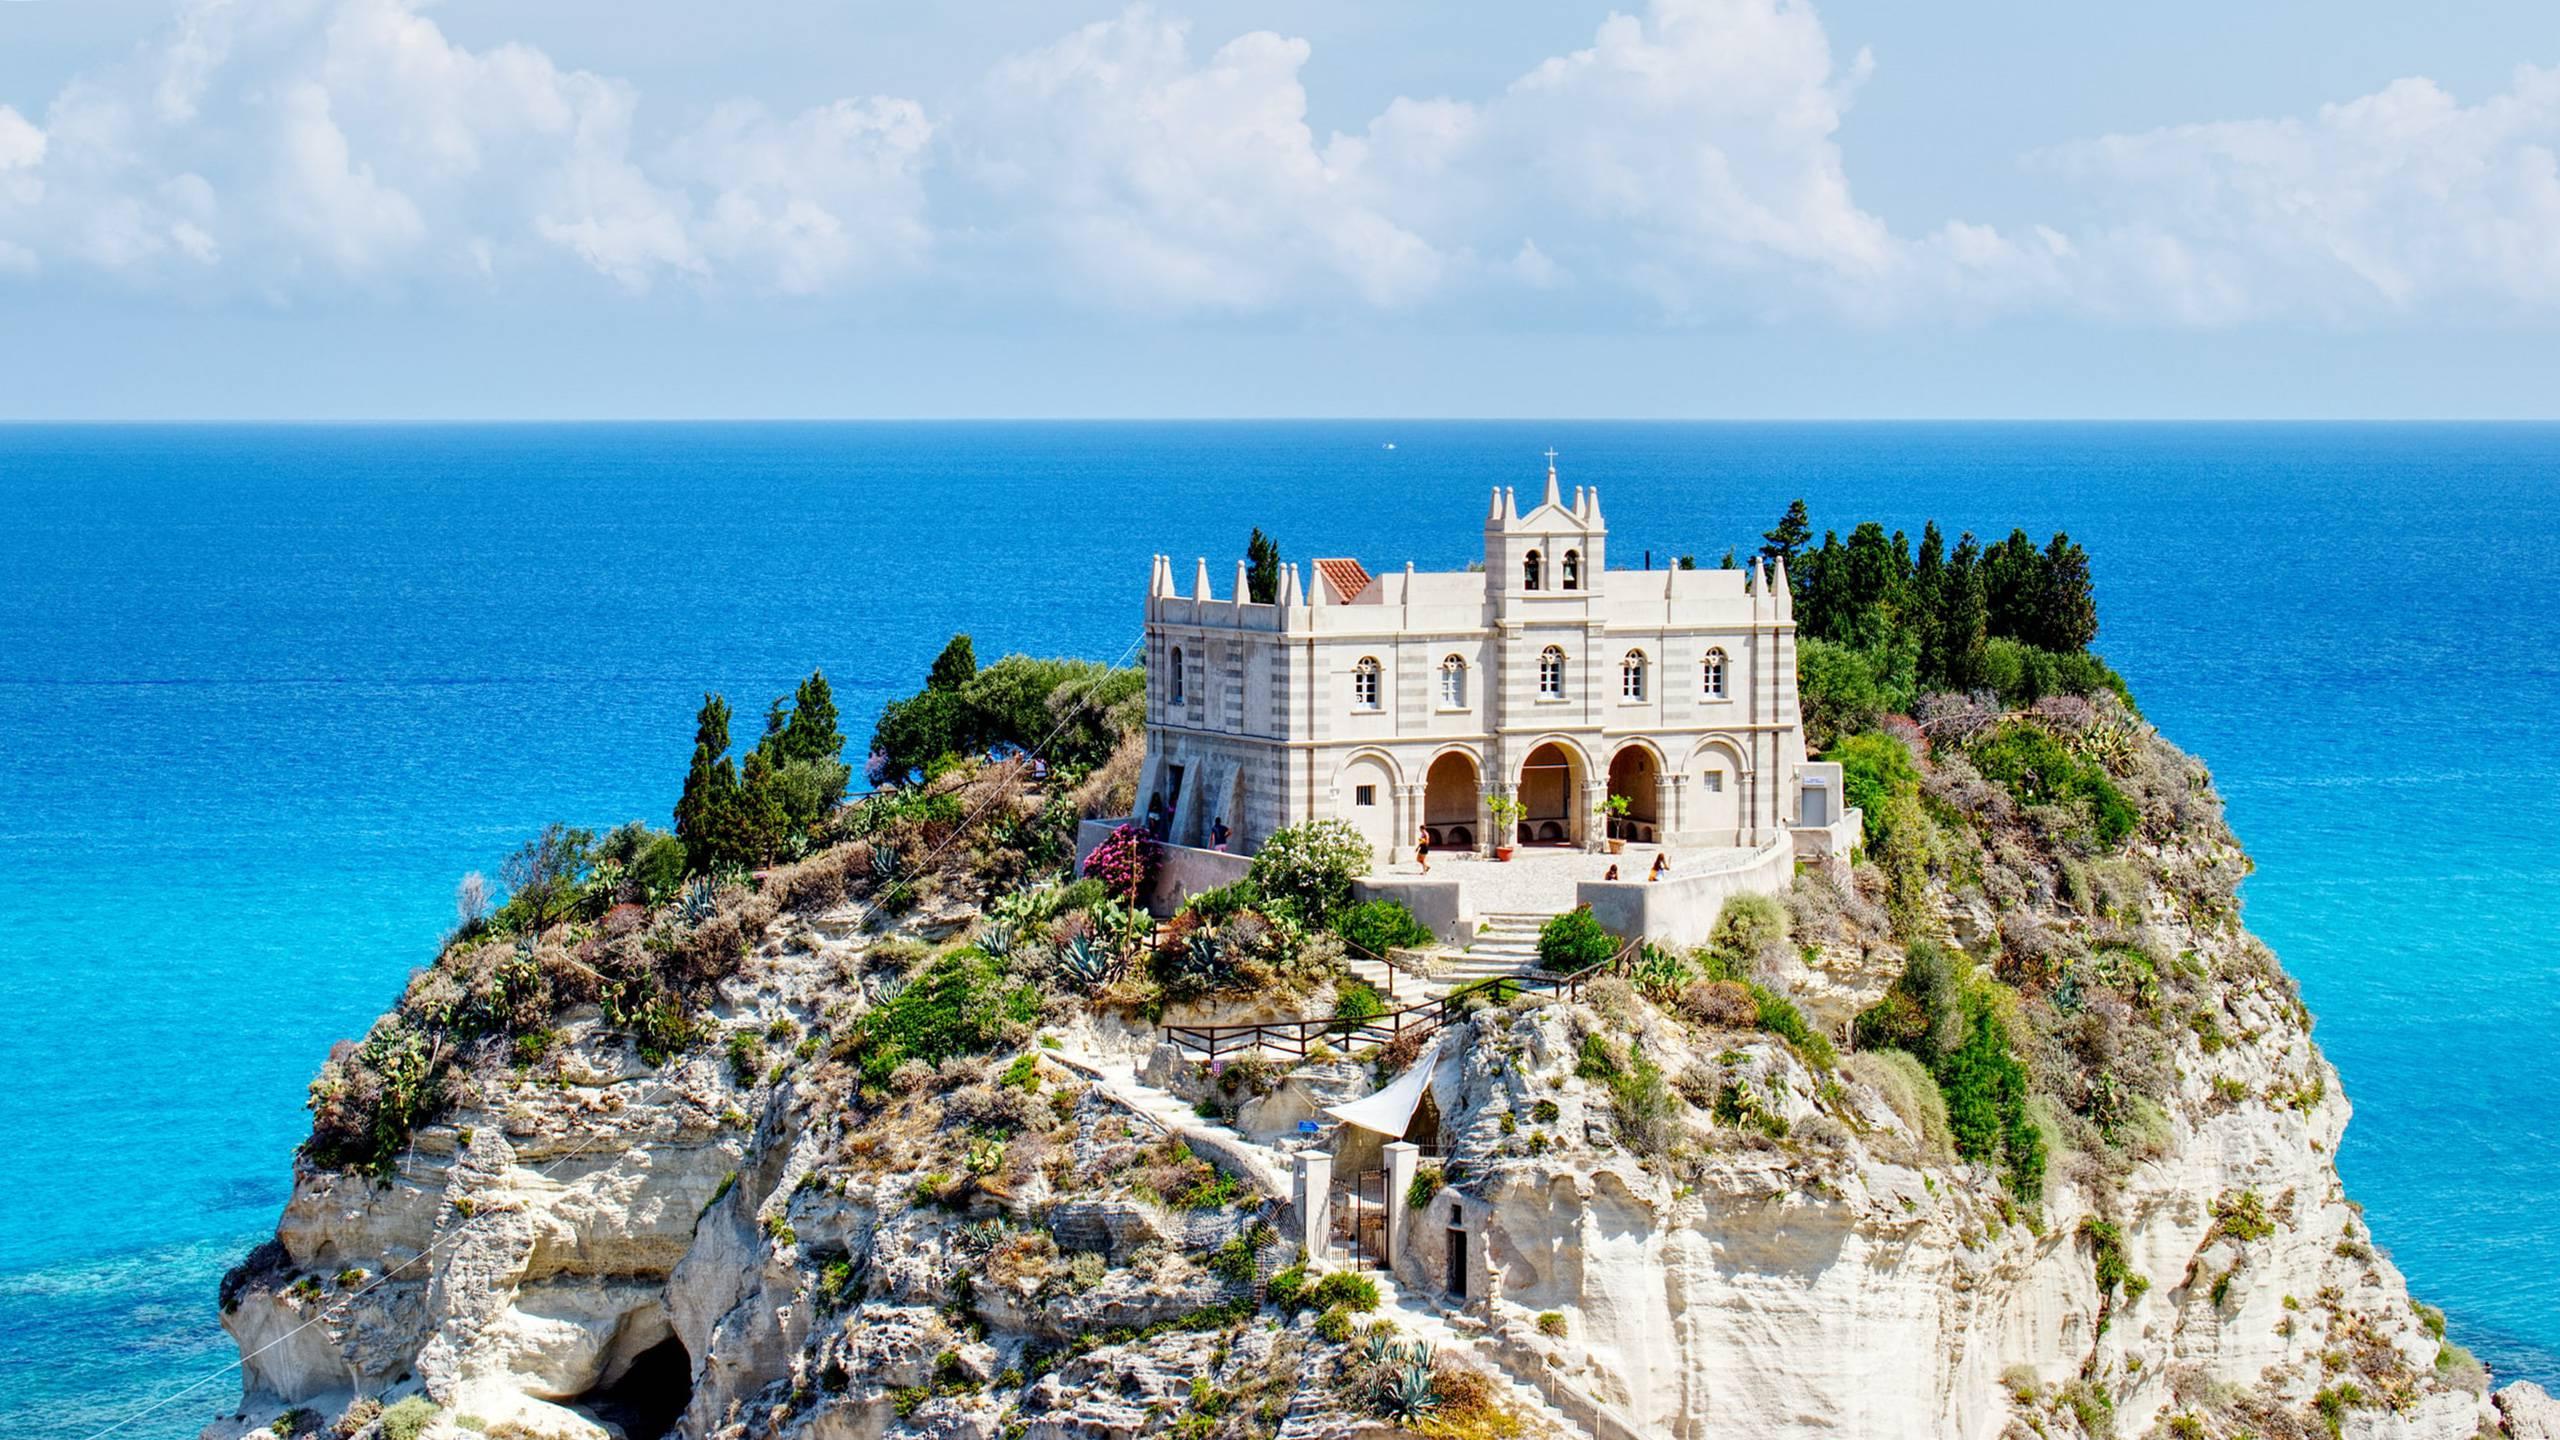 Santa-Caterina-Village-Scalea-Calabria